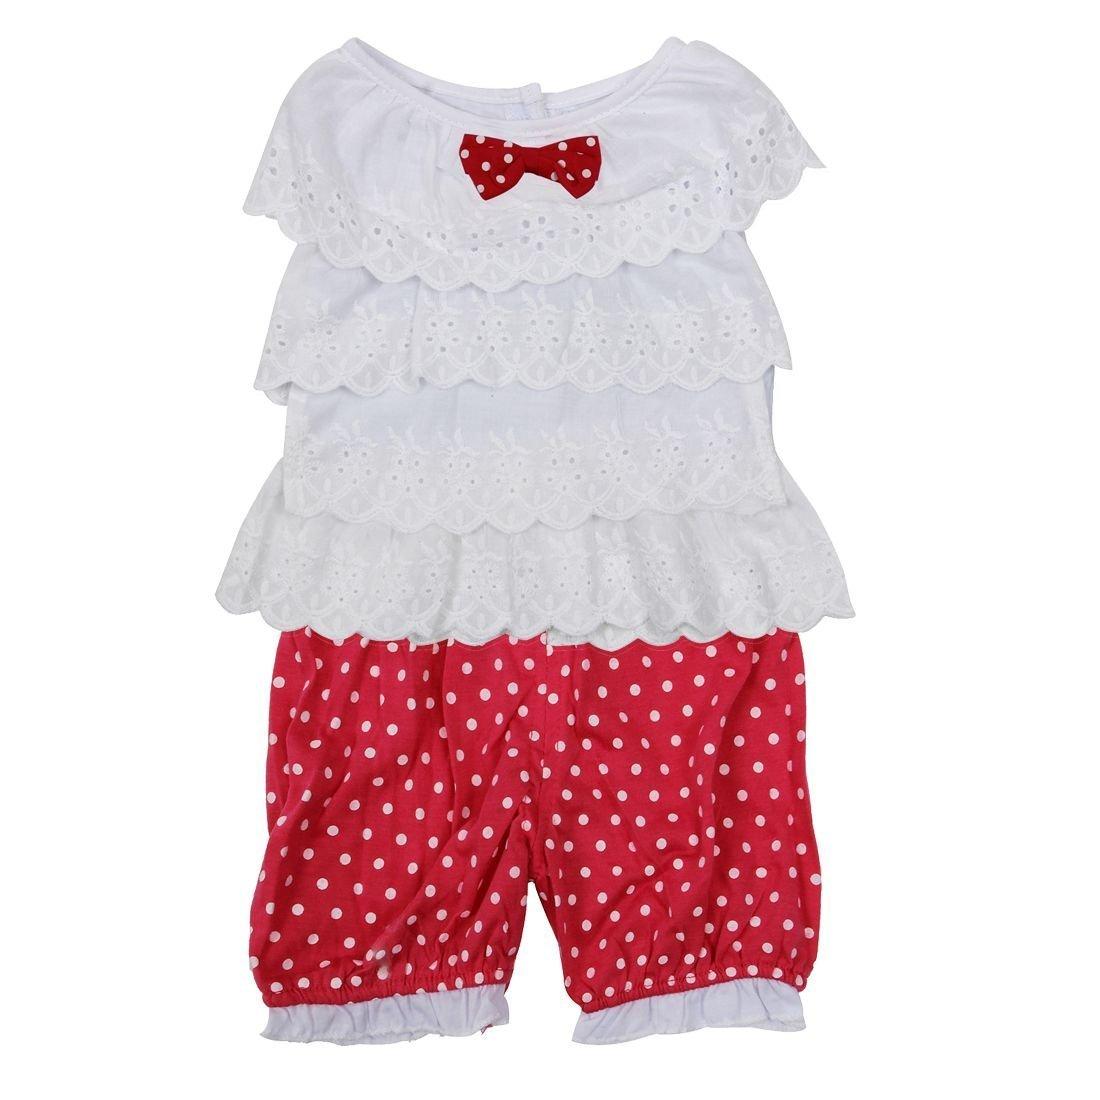 SODIAL(R) Bambino piccolo Ragazza Arruffato Maglietta Superiore+ dots Abbigliamento corto 2 pz Abbigliamento per vestiti -rosso, 80 045815C2